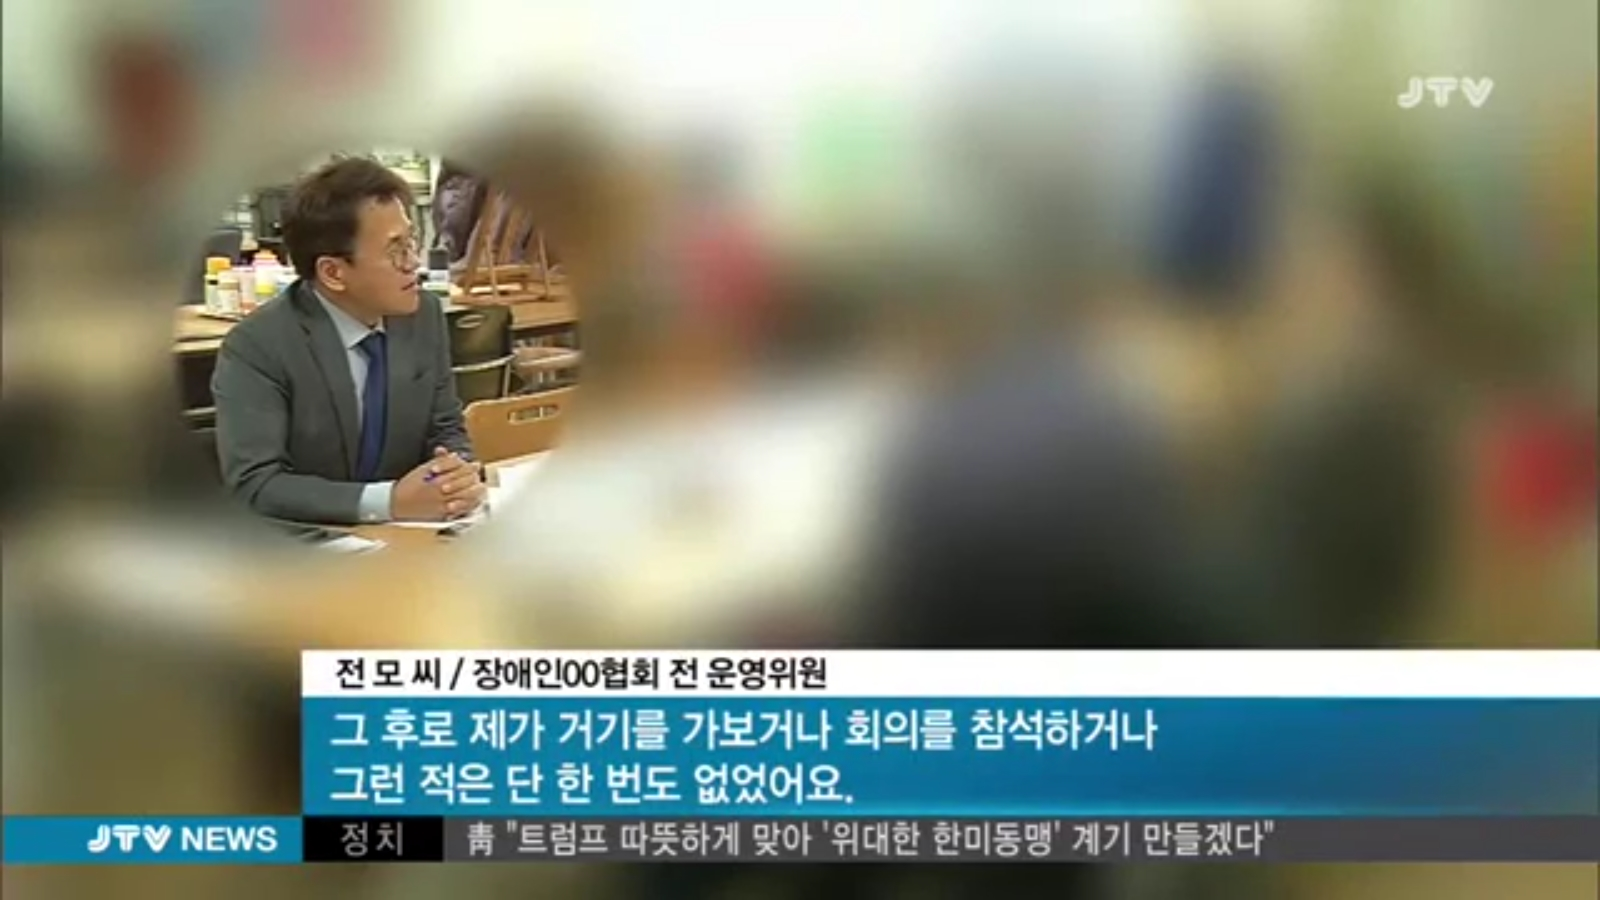 [17.11.05 JTV] 봉침목사 시설 모태인 단체도 설립부터 '엉터리'...줄줄 새는 보조금3.jpg